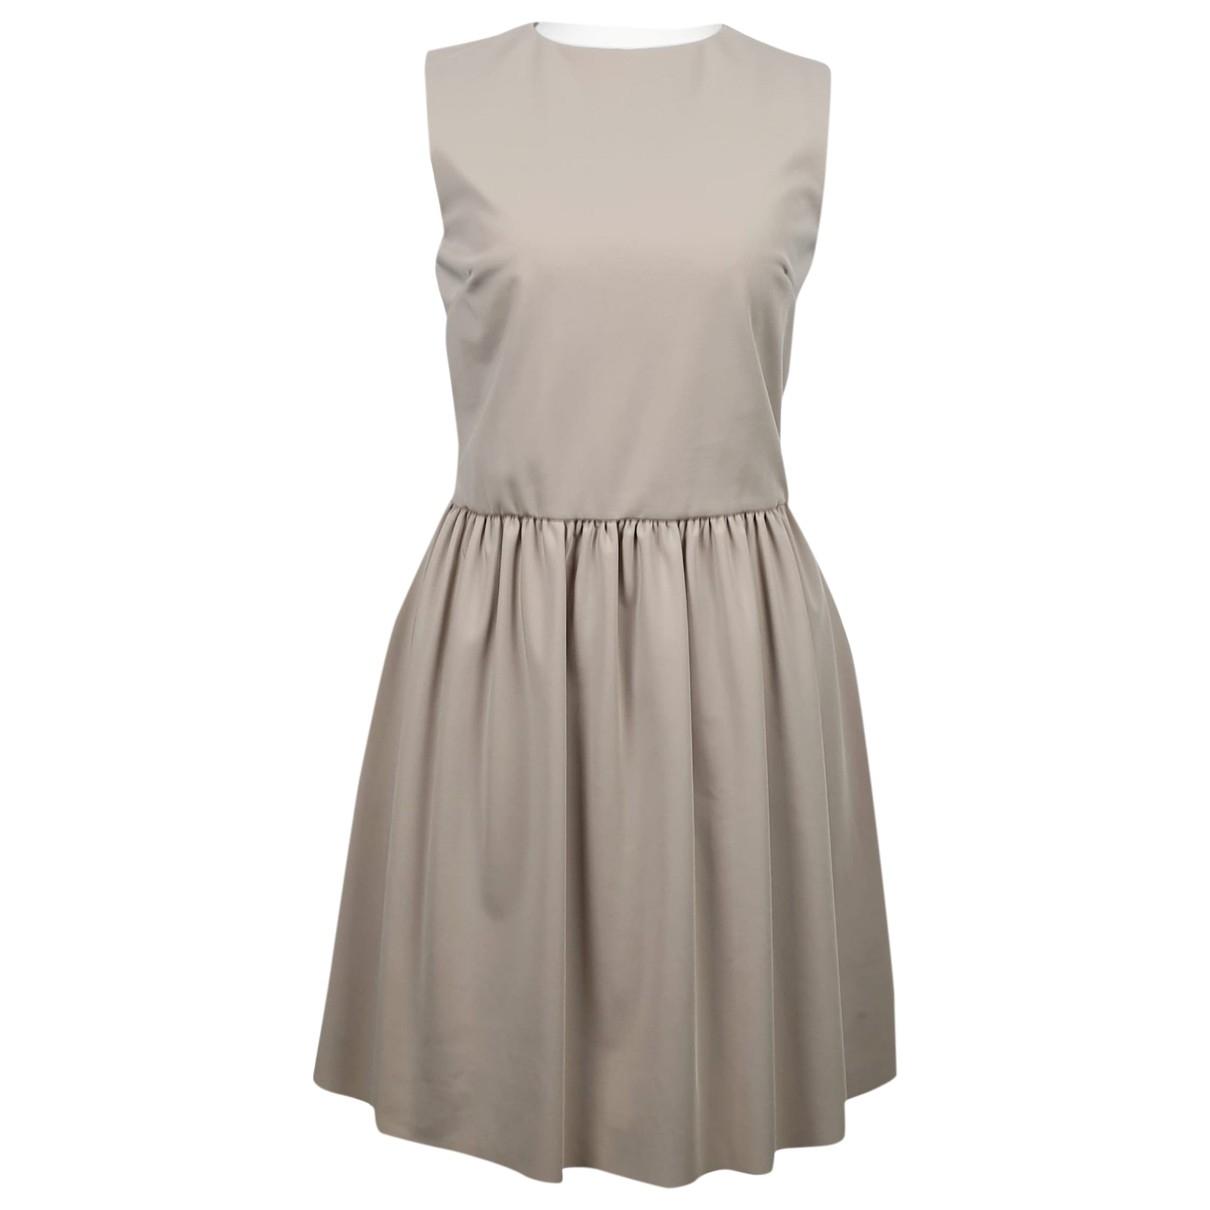 Vicolo \N Beige dress for Women M International